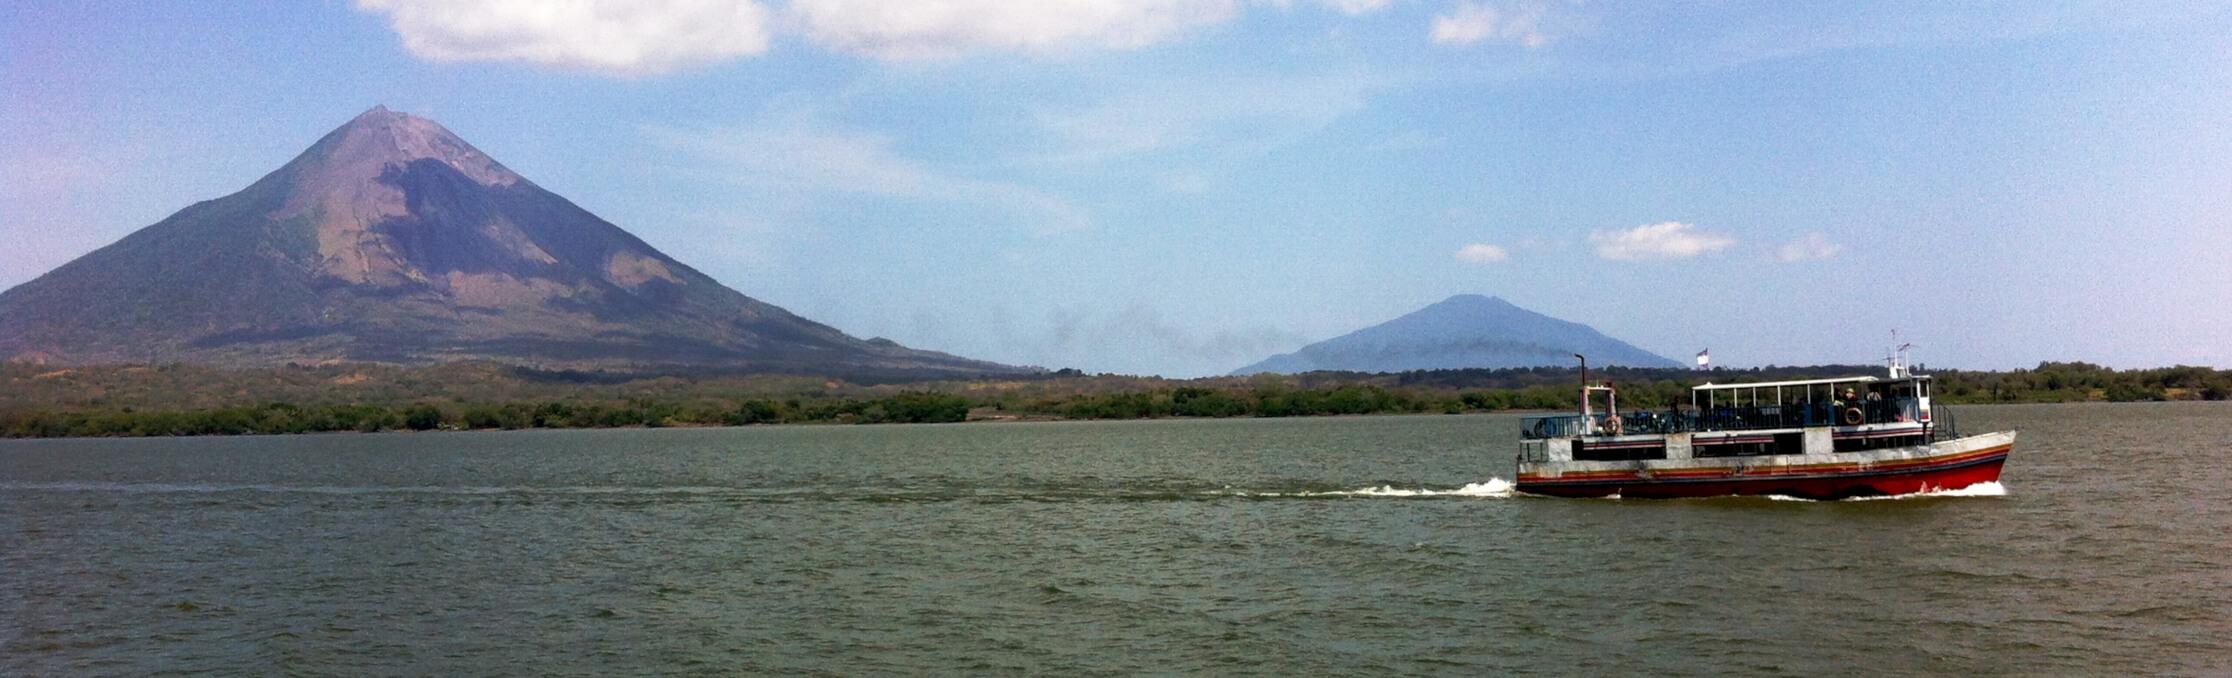 Landschaft in Nicaragua